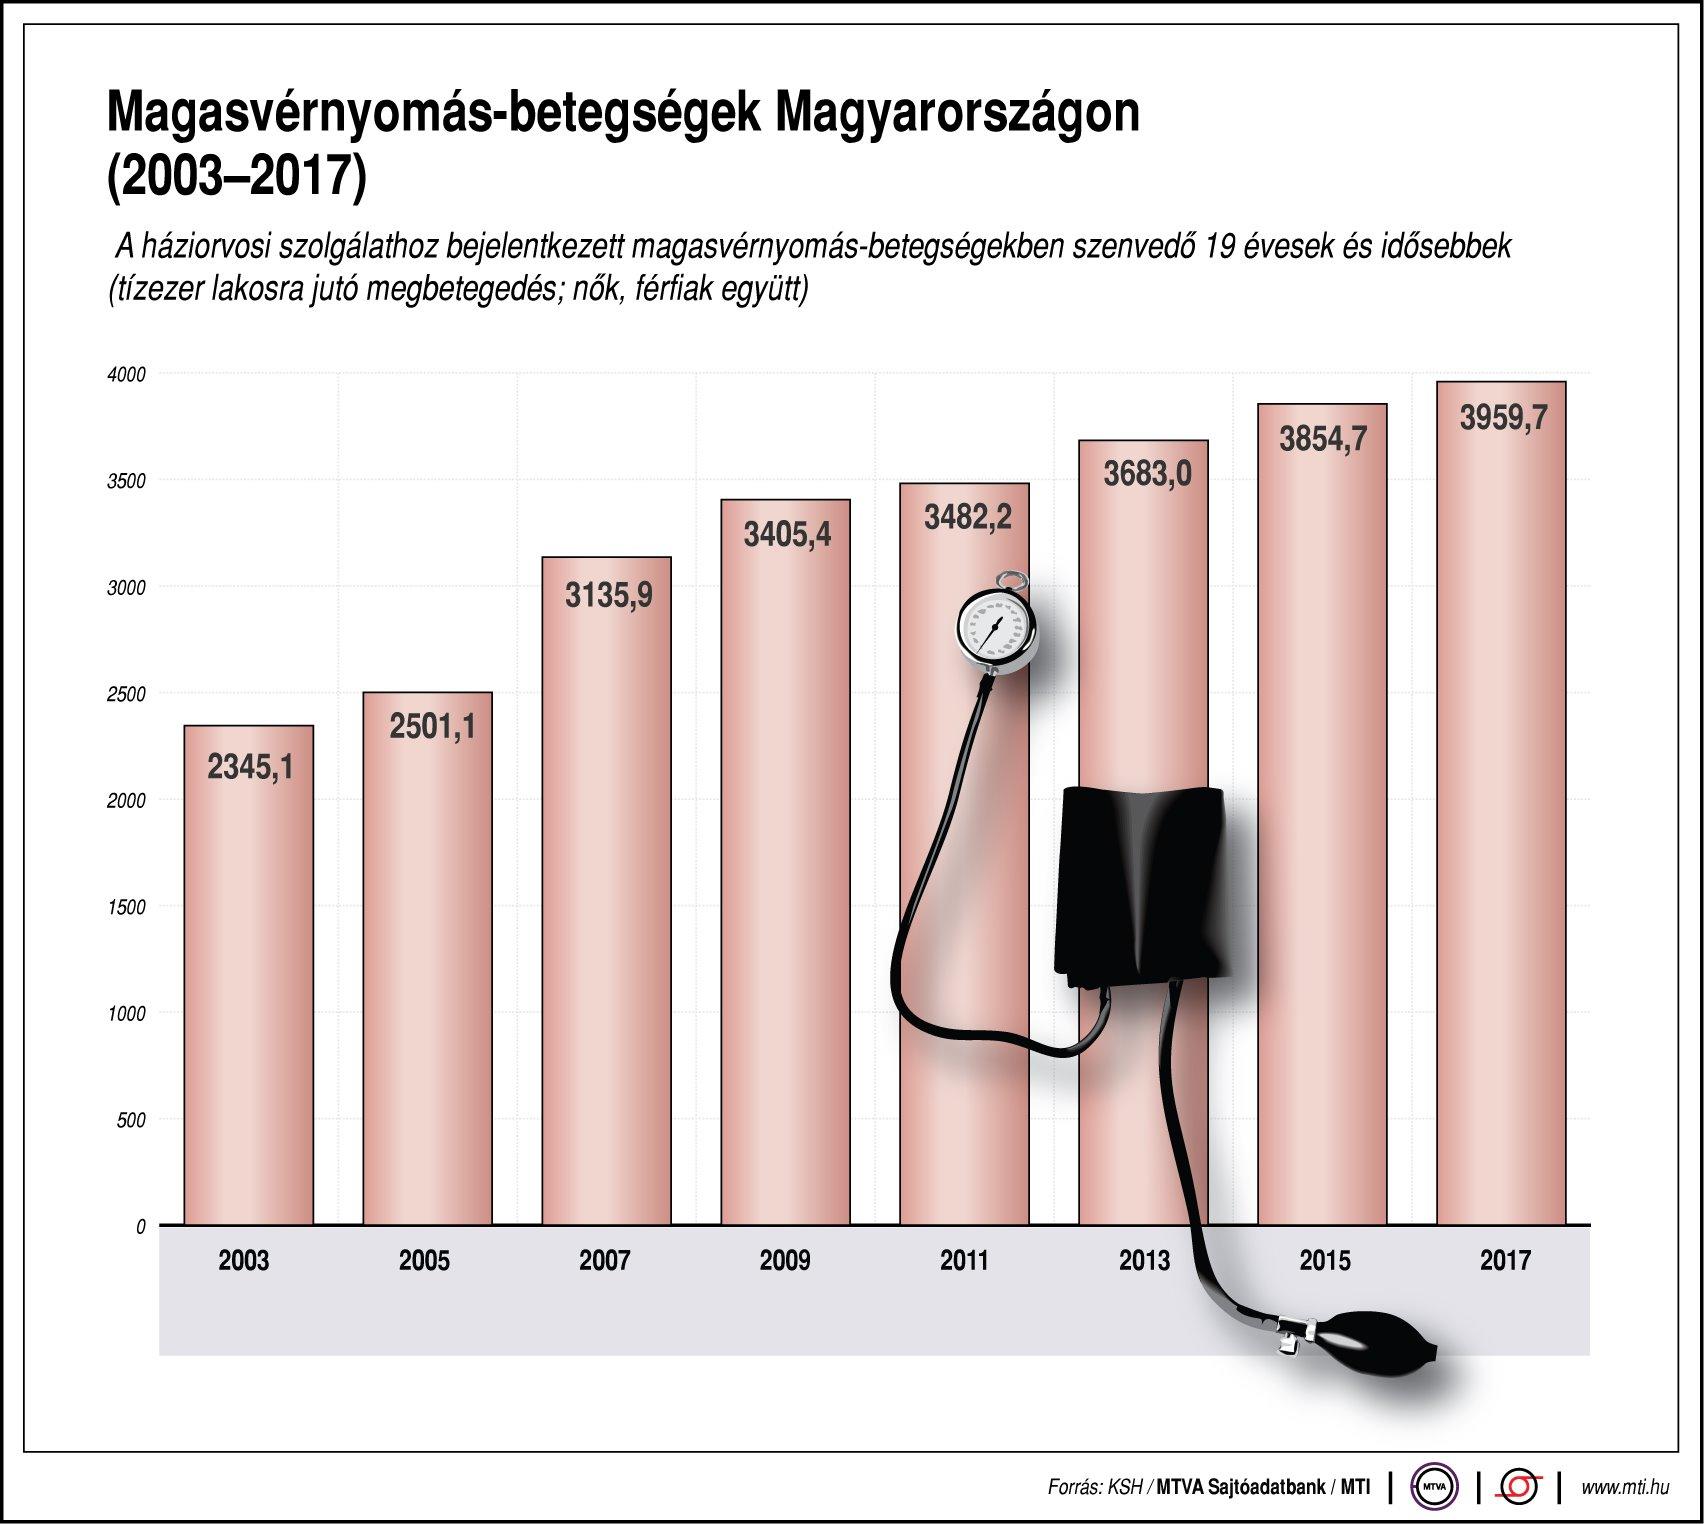 stroke krónikus magas vérnyomás szívelégtelenség magas vérnyomás és pacemaker